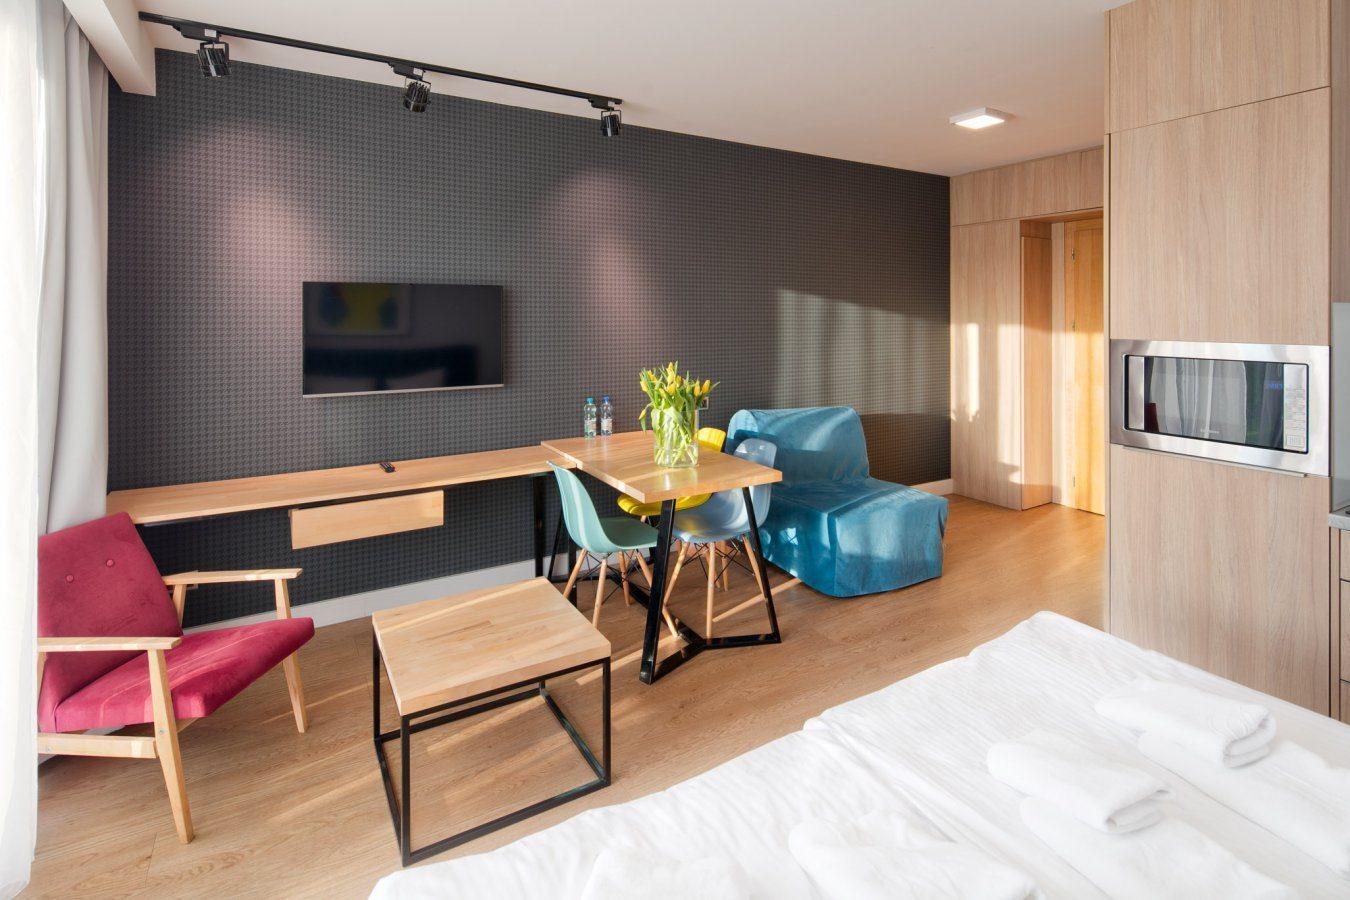 mielenko-hotel-baltin-fot-piotr-krajewski-1-jpg-lq_103_W_3K2A2267